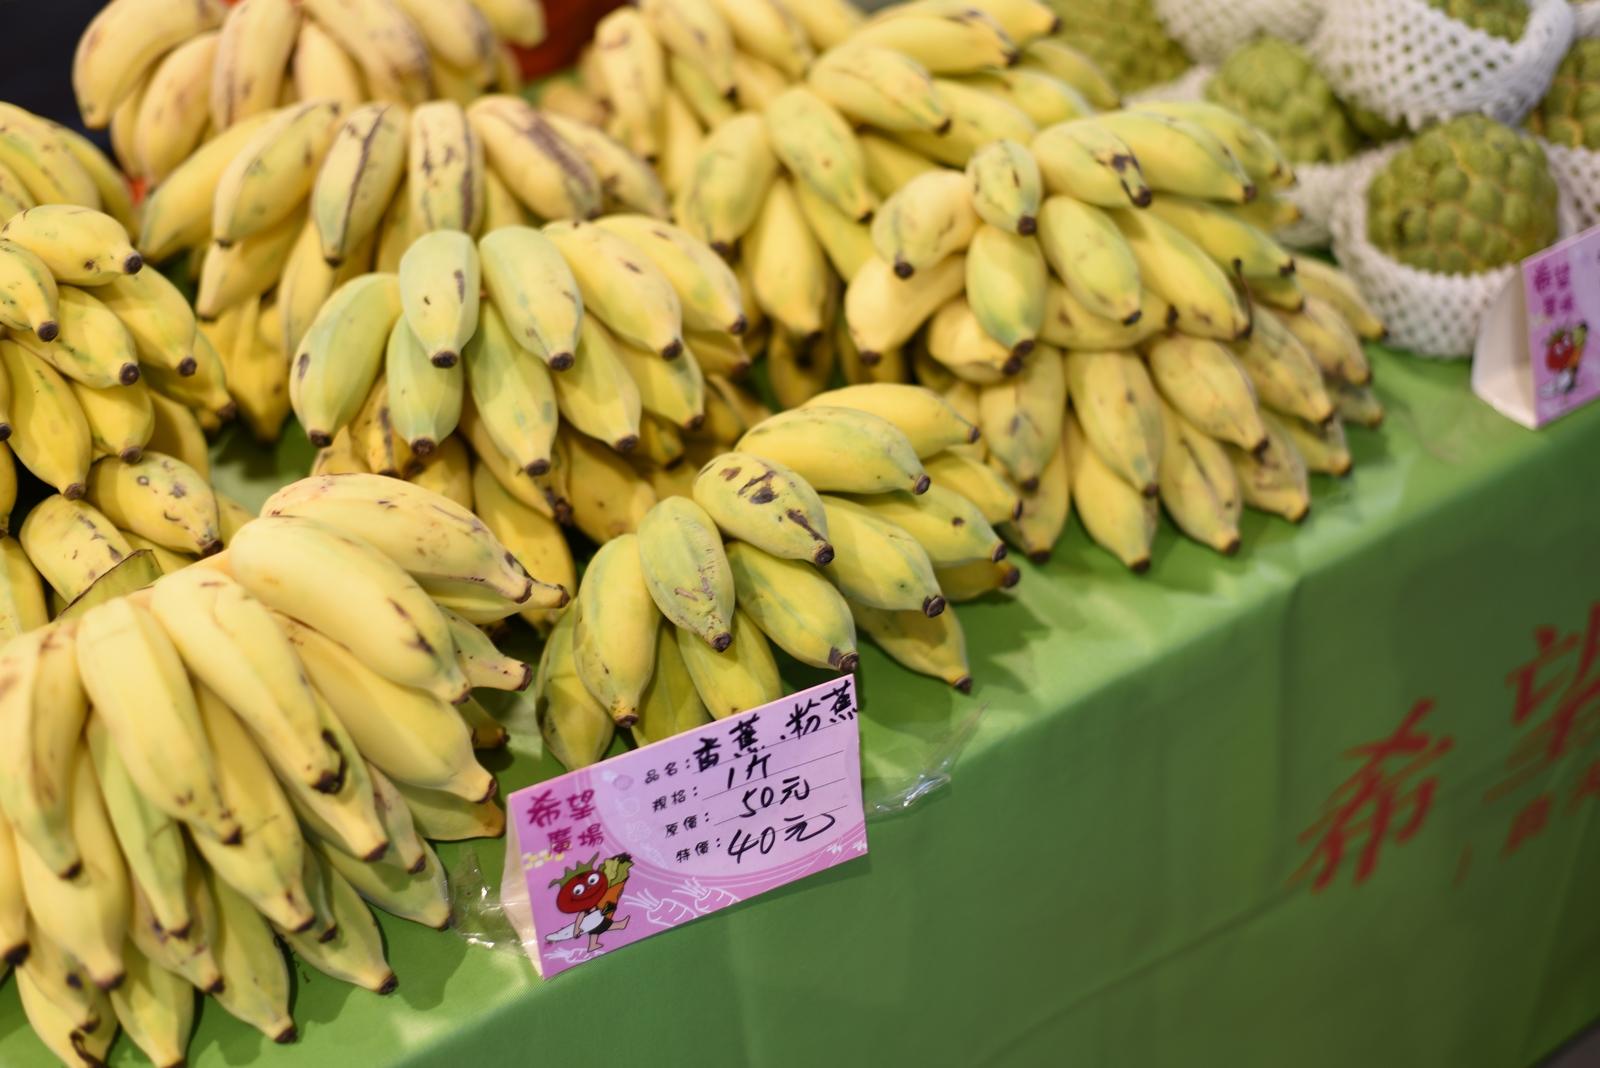 台北 希望広場 バナナ